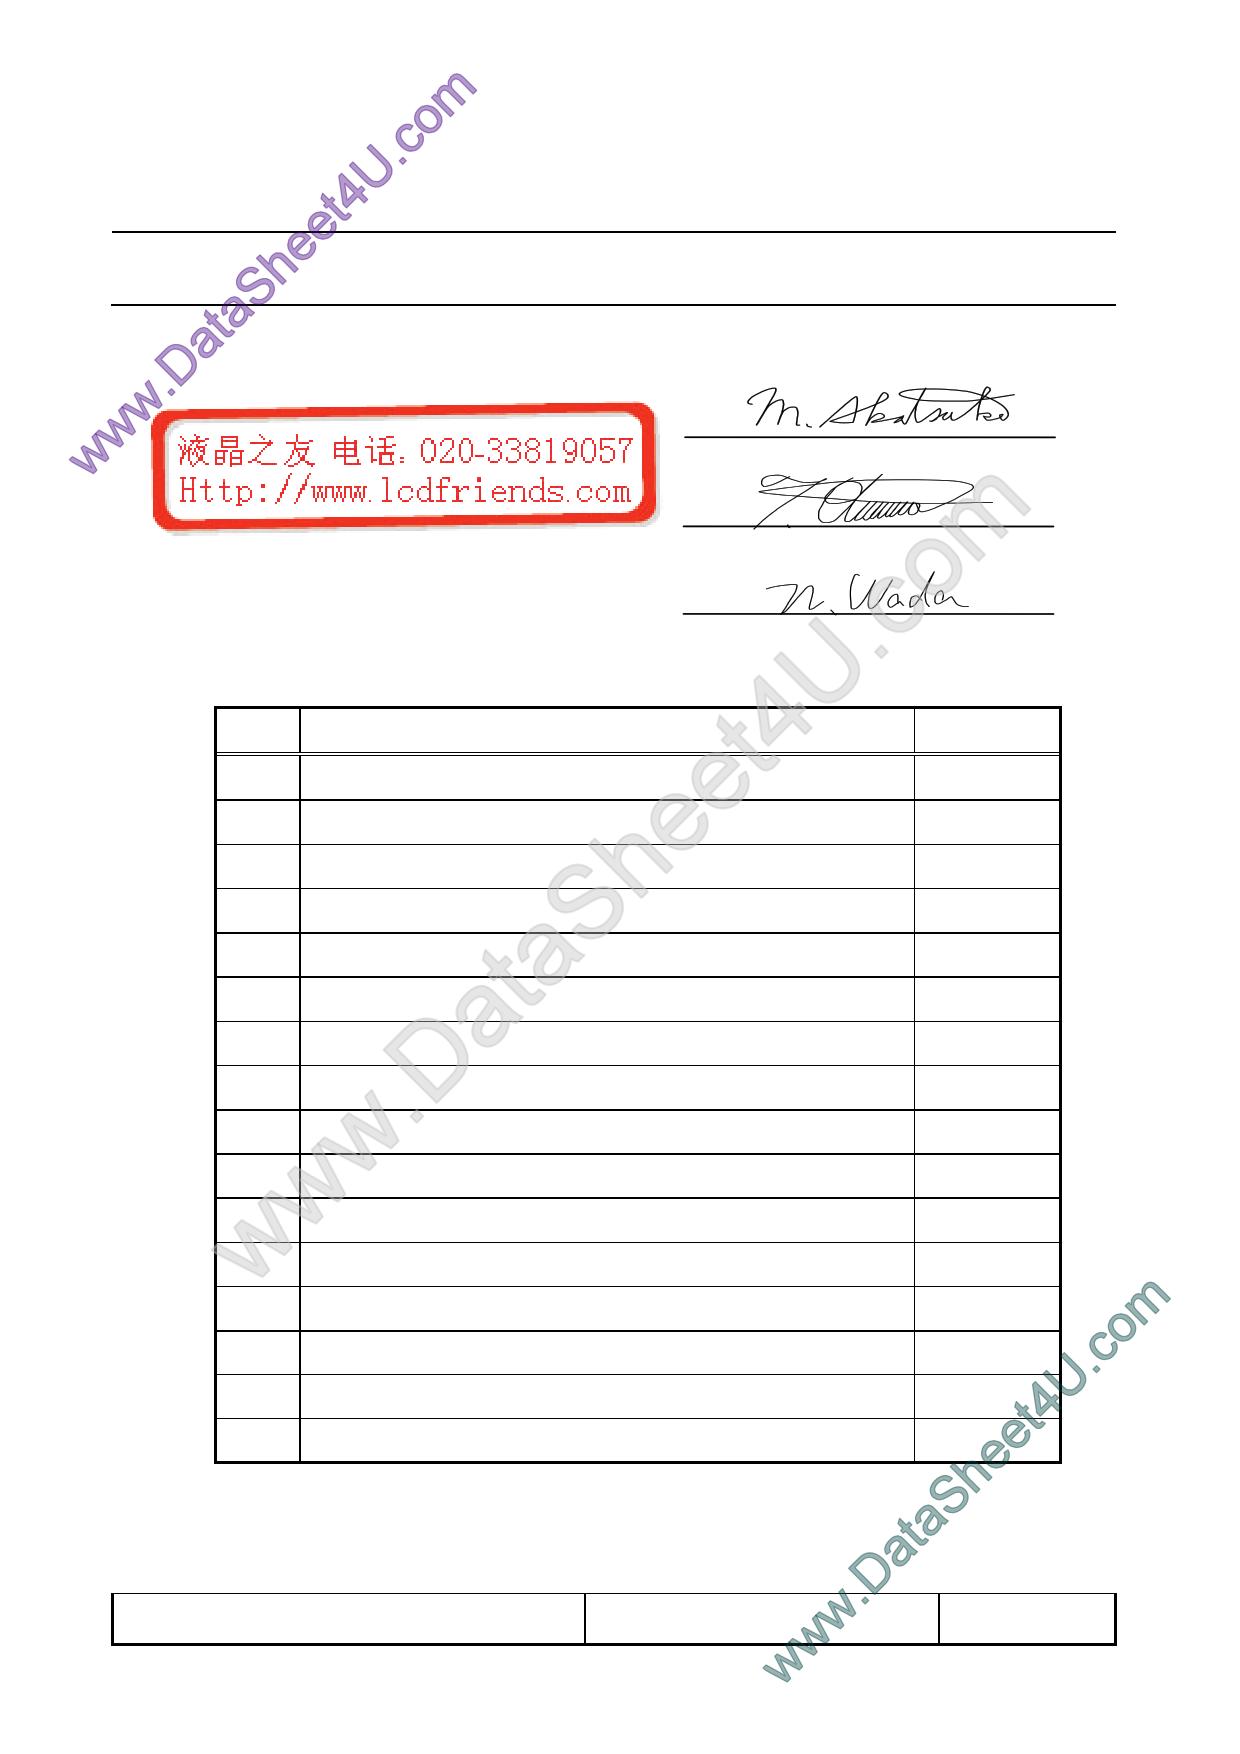 T-51756D121J-FW-A-AA datasheet